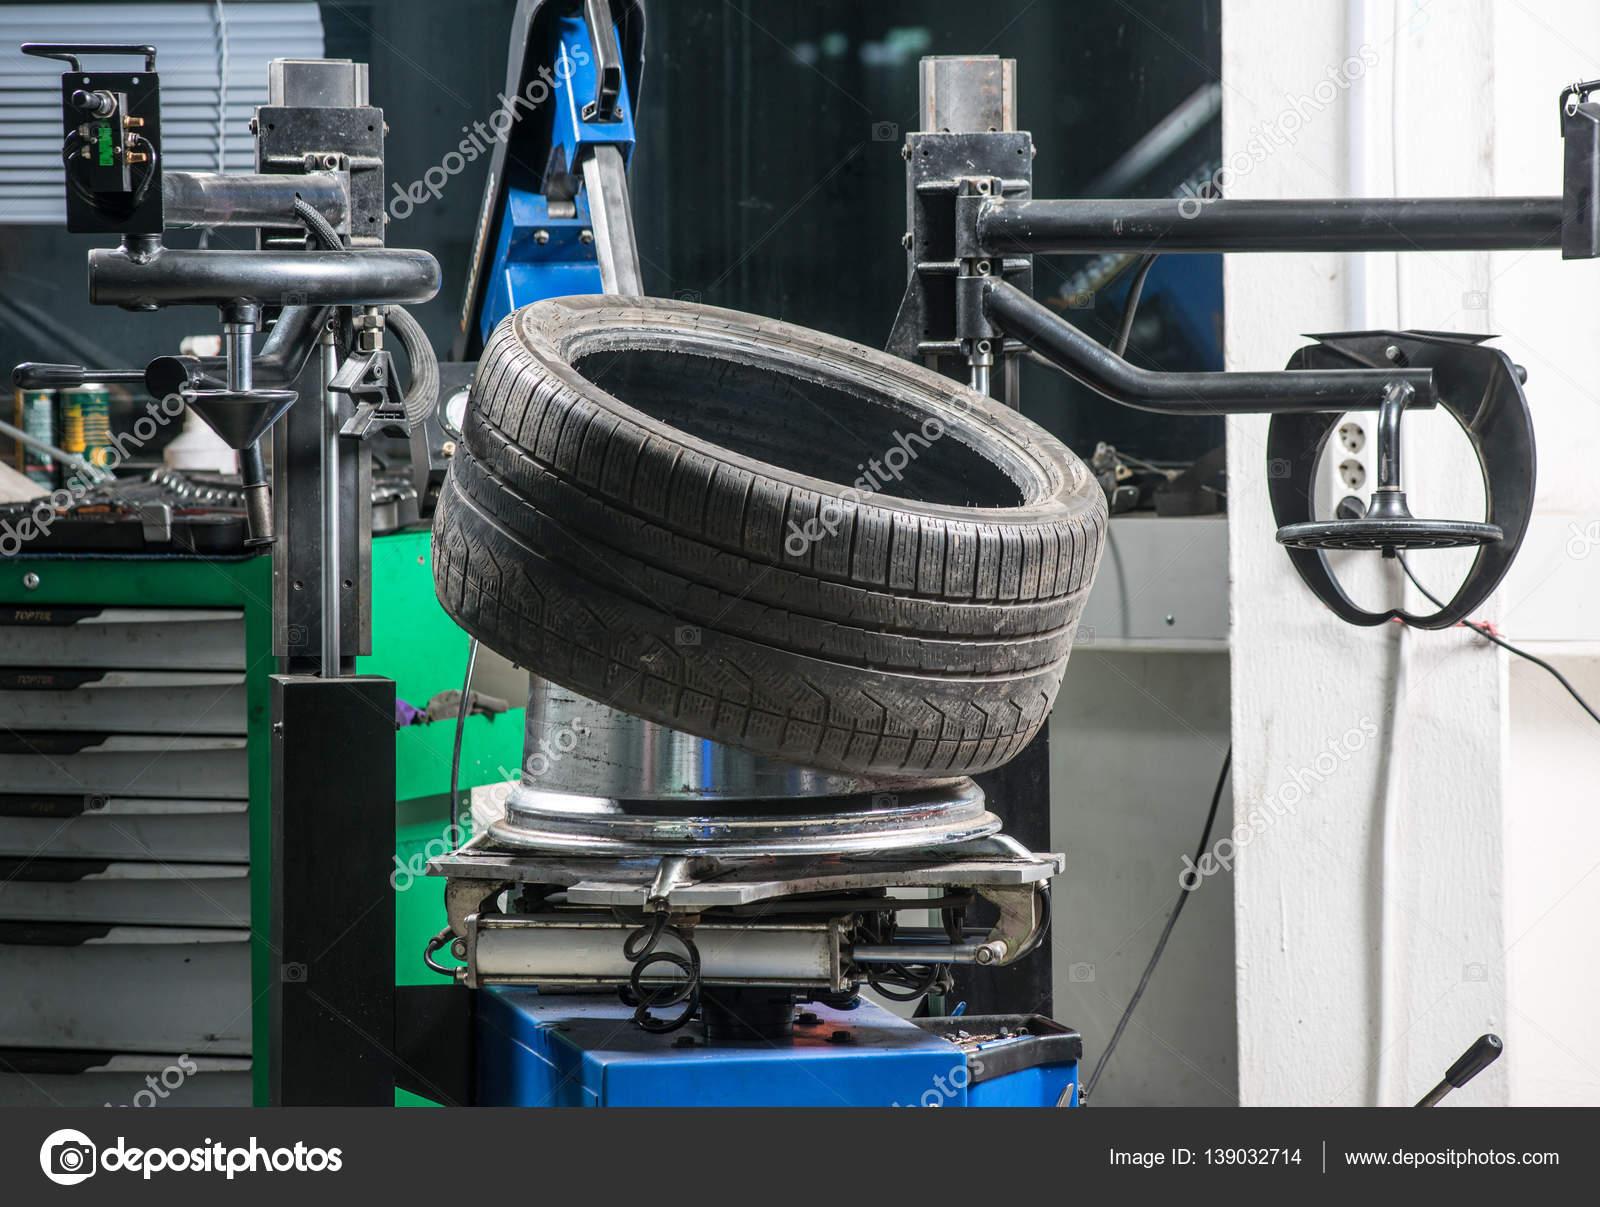 In Einer Garage Rader Reifen Wechseln Stockfoto C Alex S 139032714